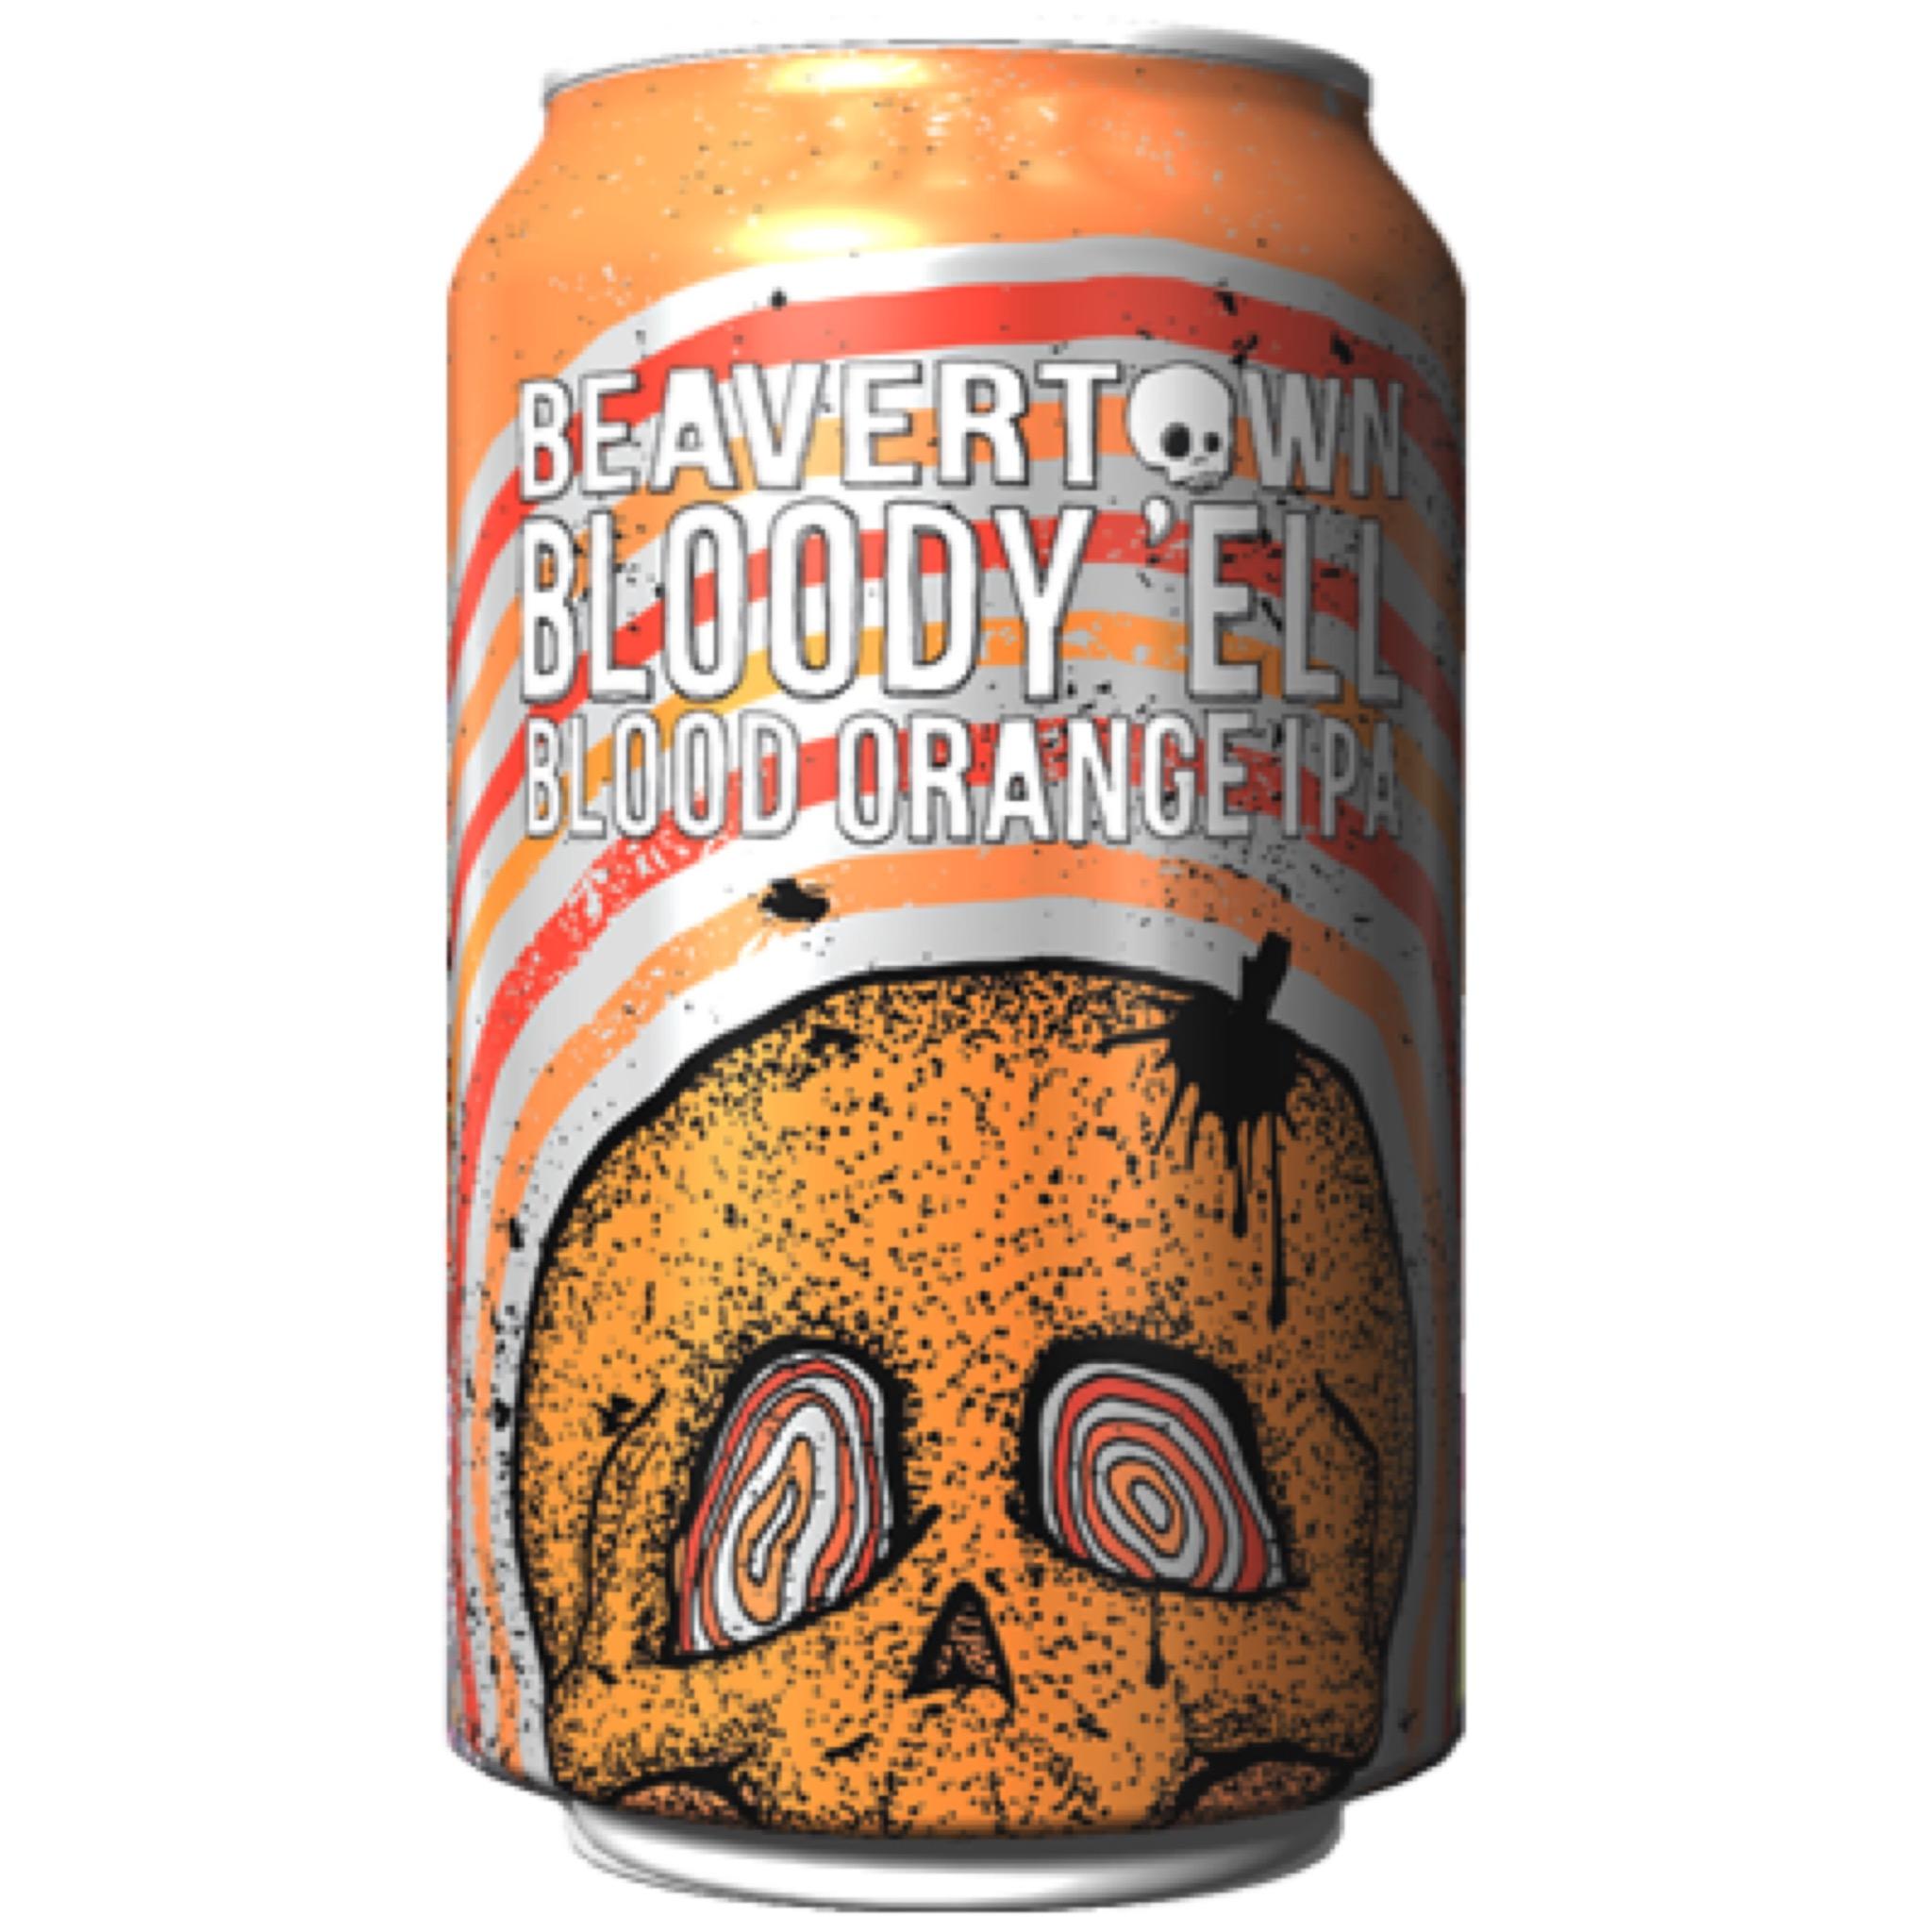 Bloody 'Ell Blood Orange IPA 5.5% 330ml Beavertown Brewing